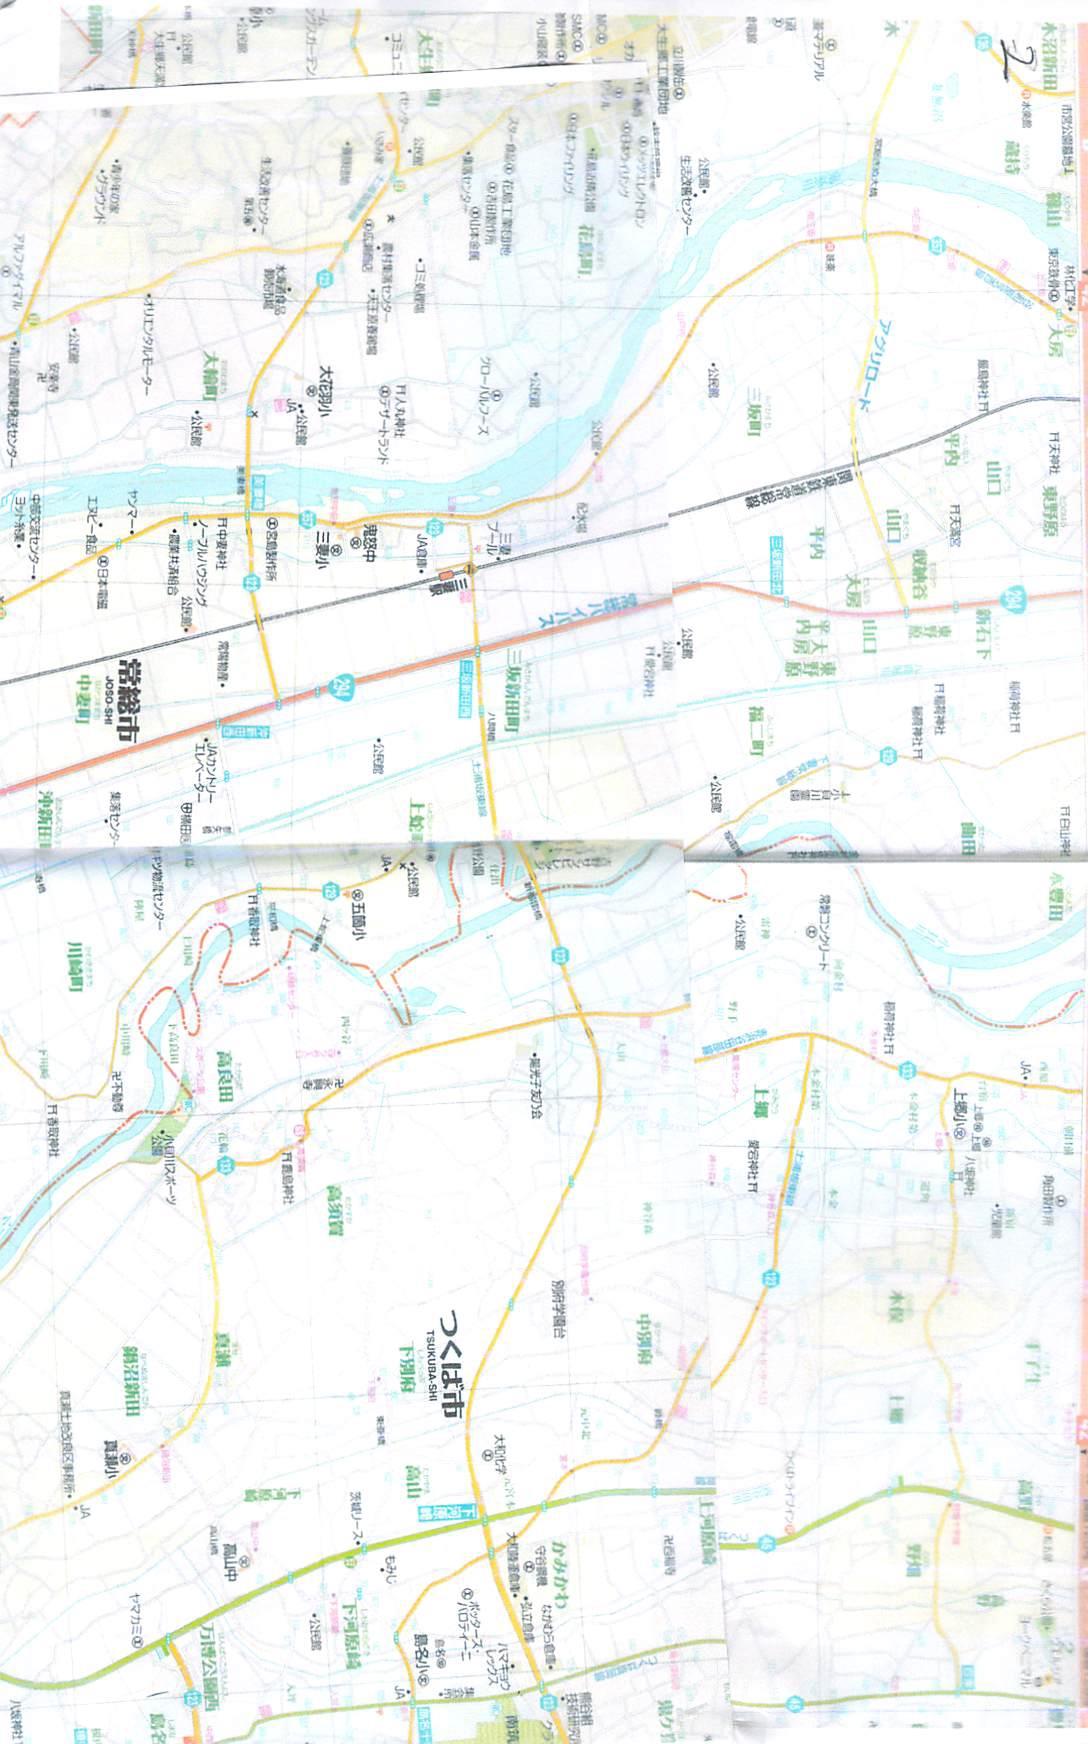 joso-map2.jpg